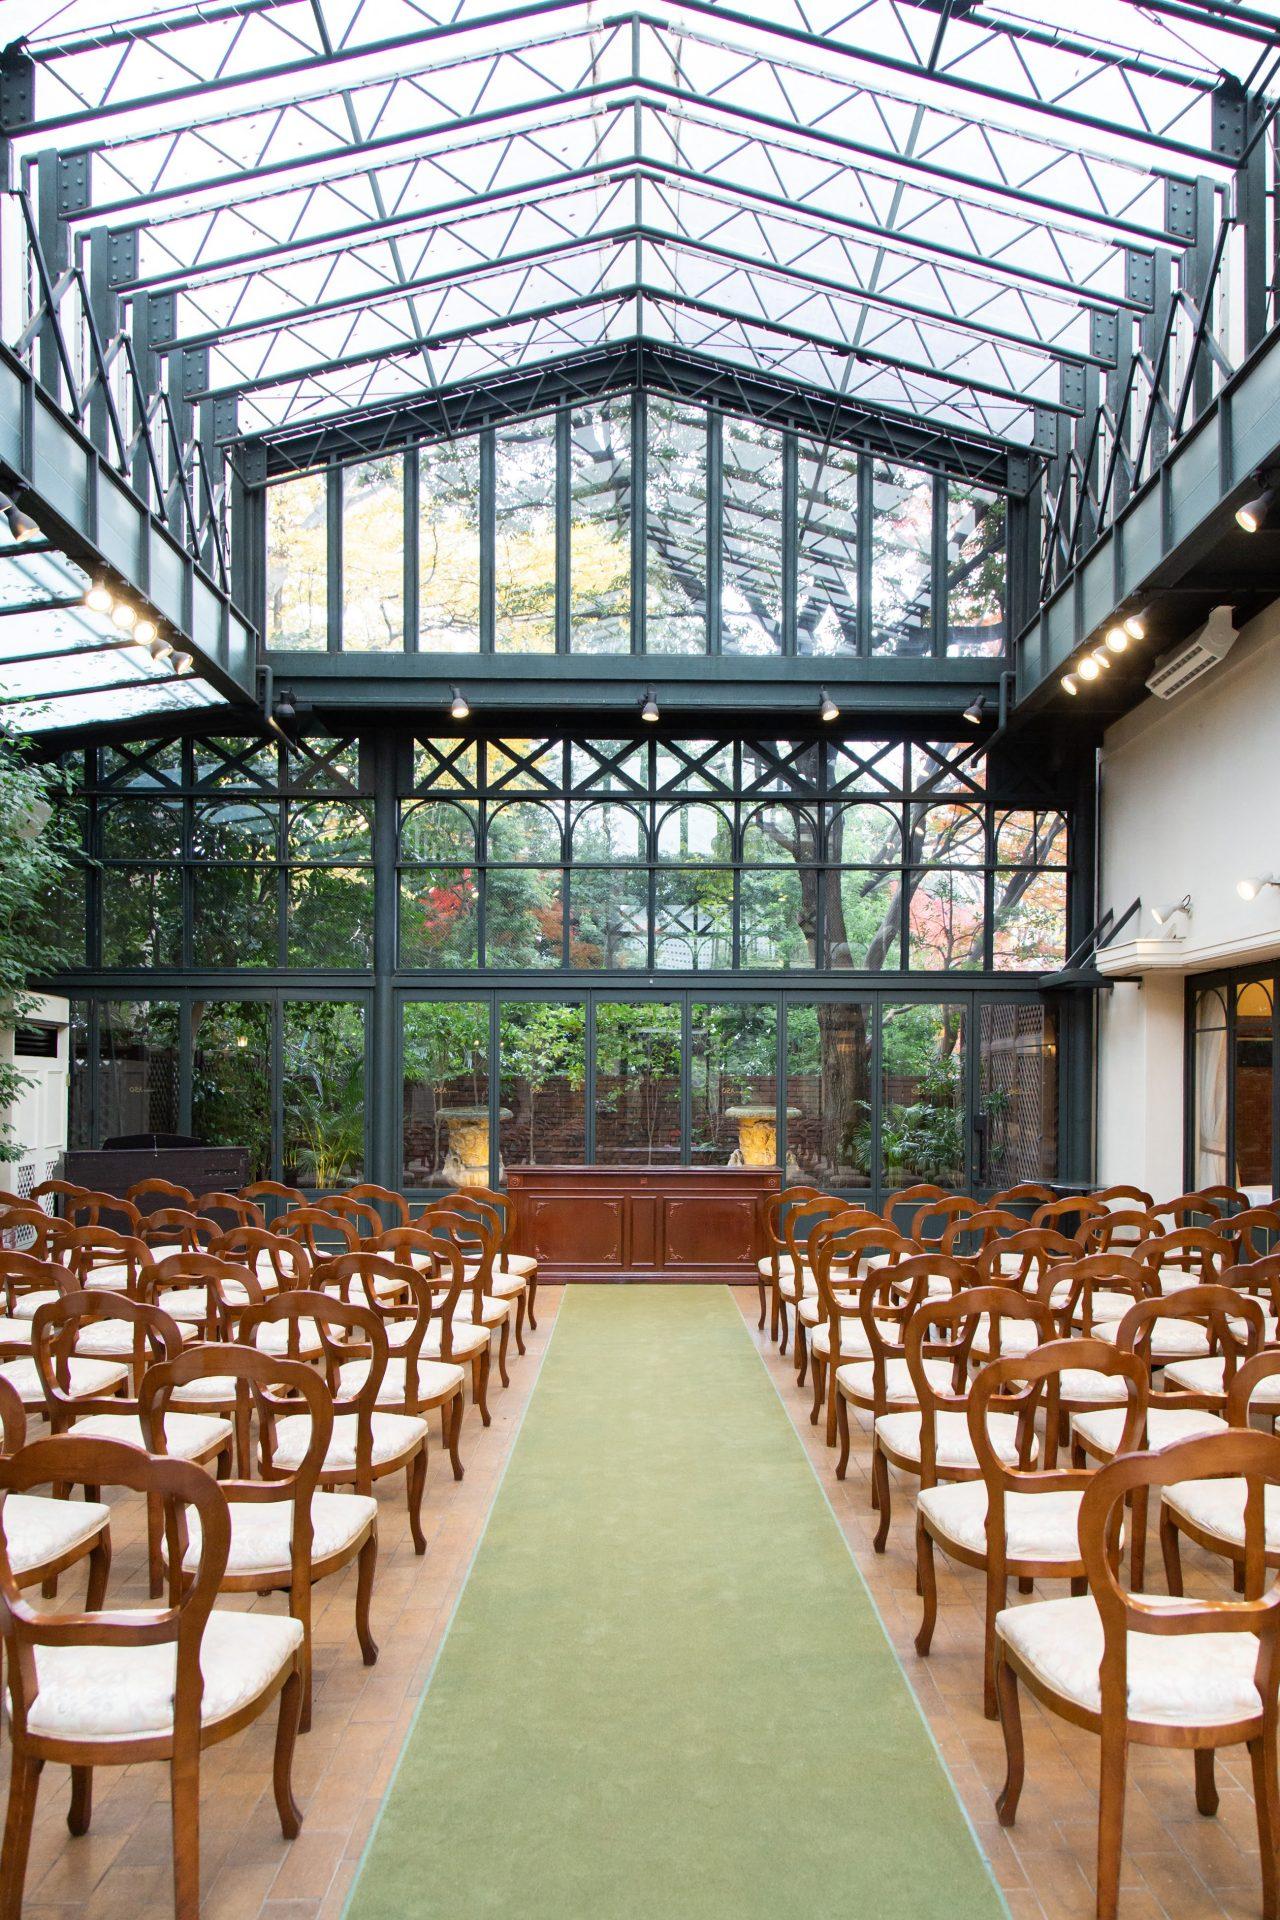 ひらまつ系列、リストランテASOは全面ガラスの開放感のあるガーデンチャペルで結婚式を行うことができます。